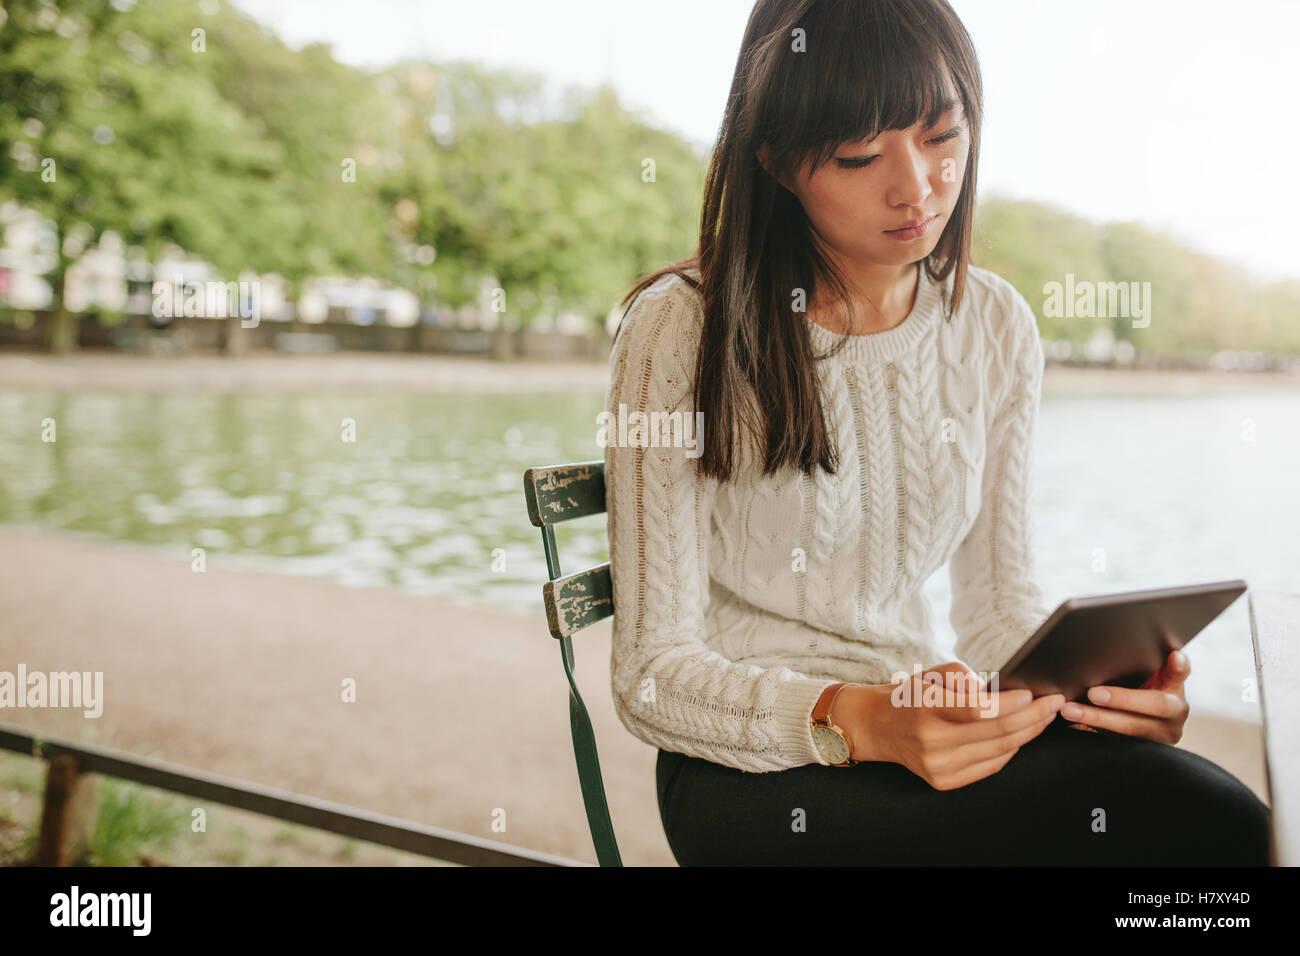 Foto de mujer china sentado en una silla junto al estanque y usar tableta digital. Mujeres en el café al aire Imagen De Stock